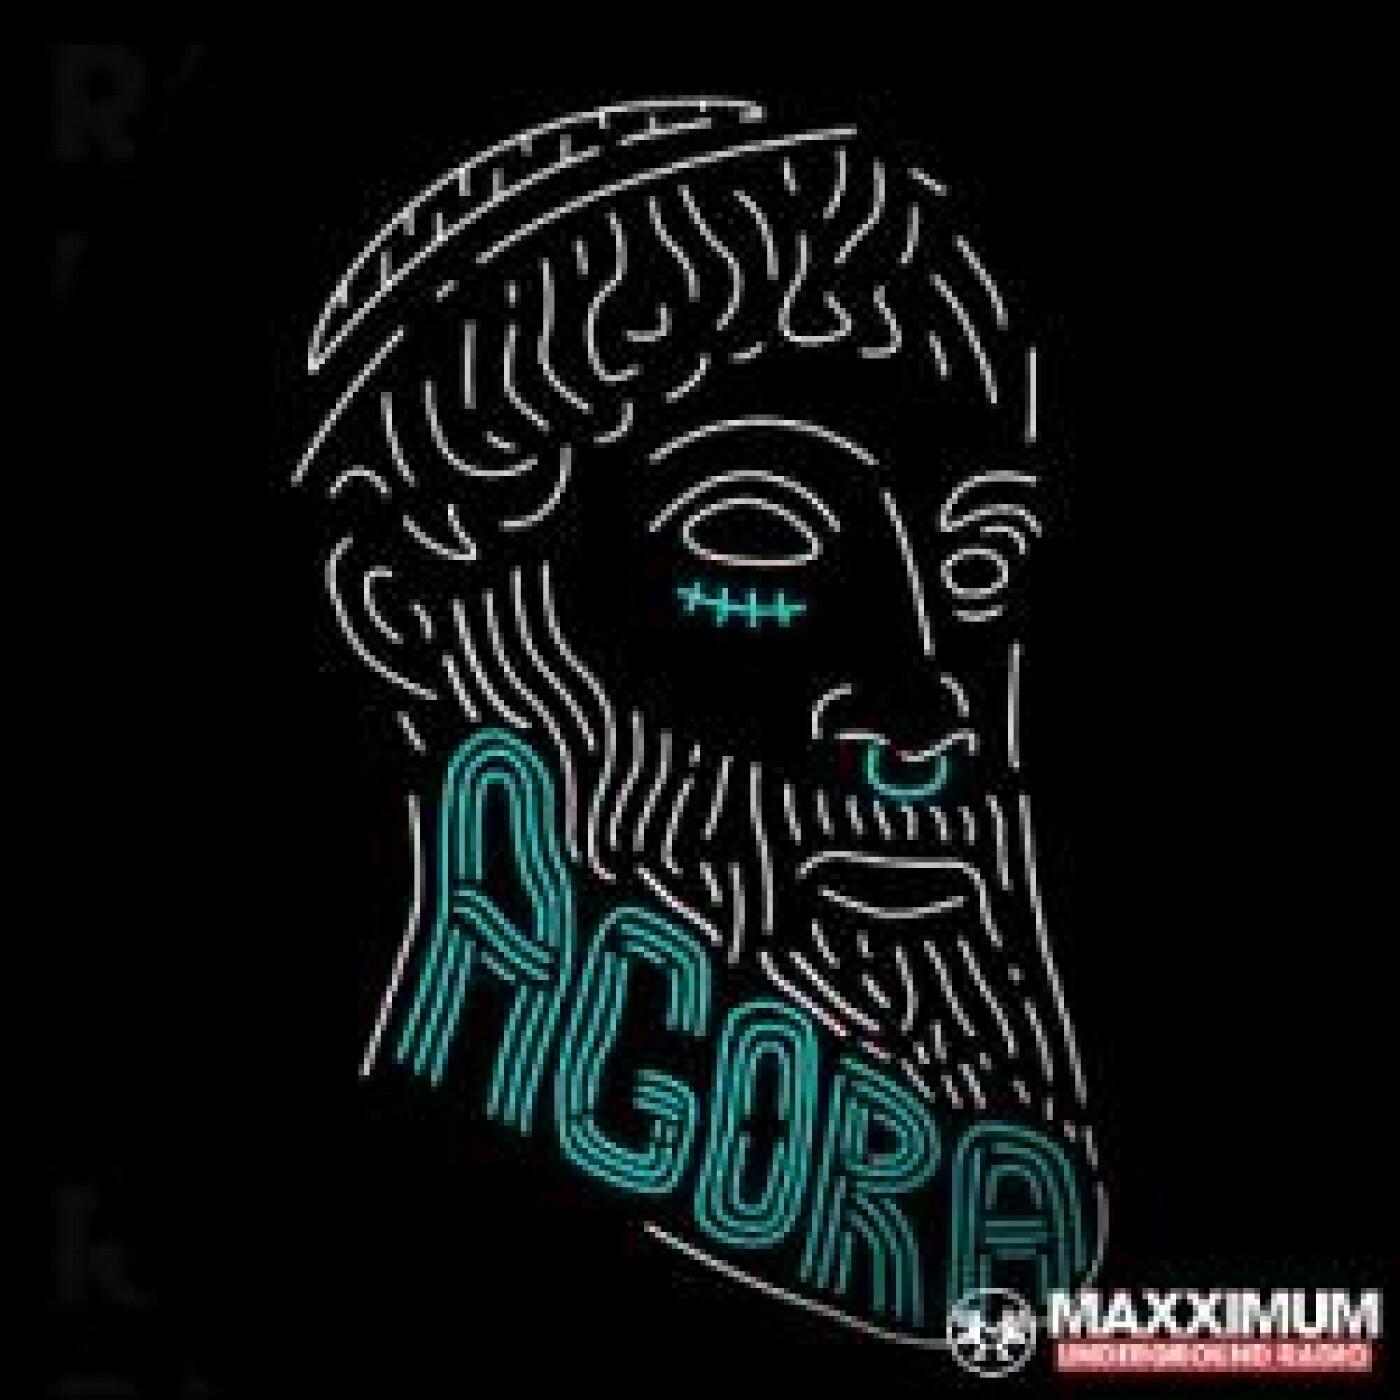 RAVEMAXX : KRL MX